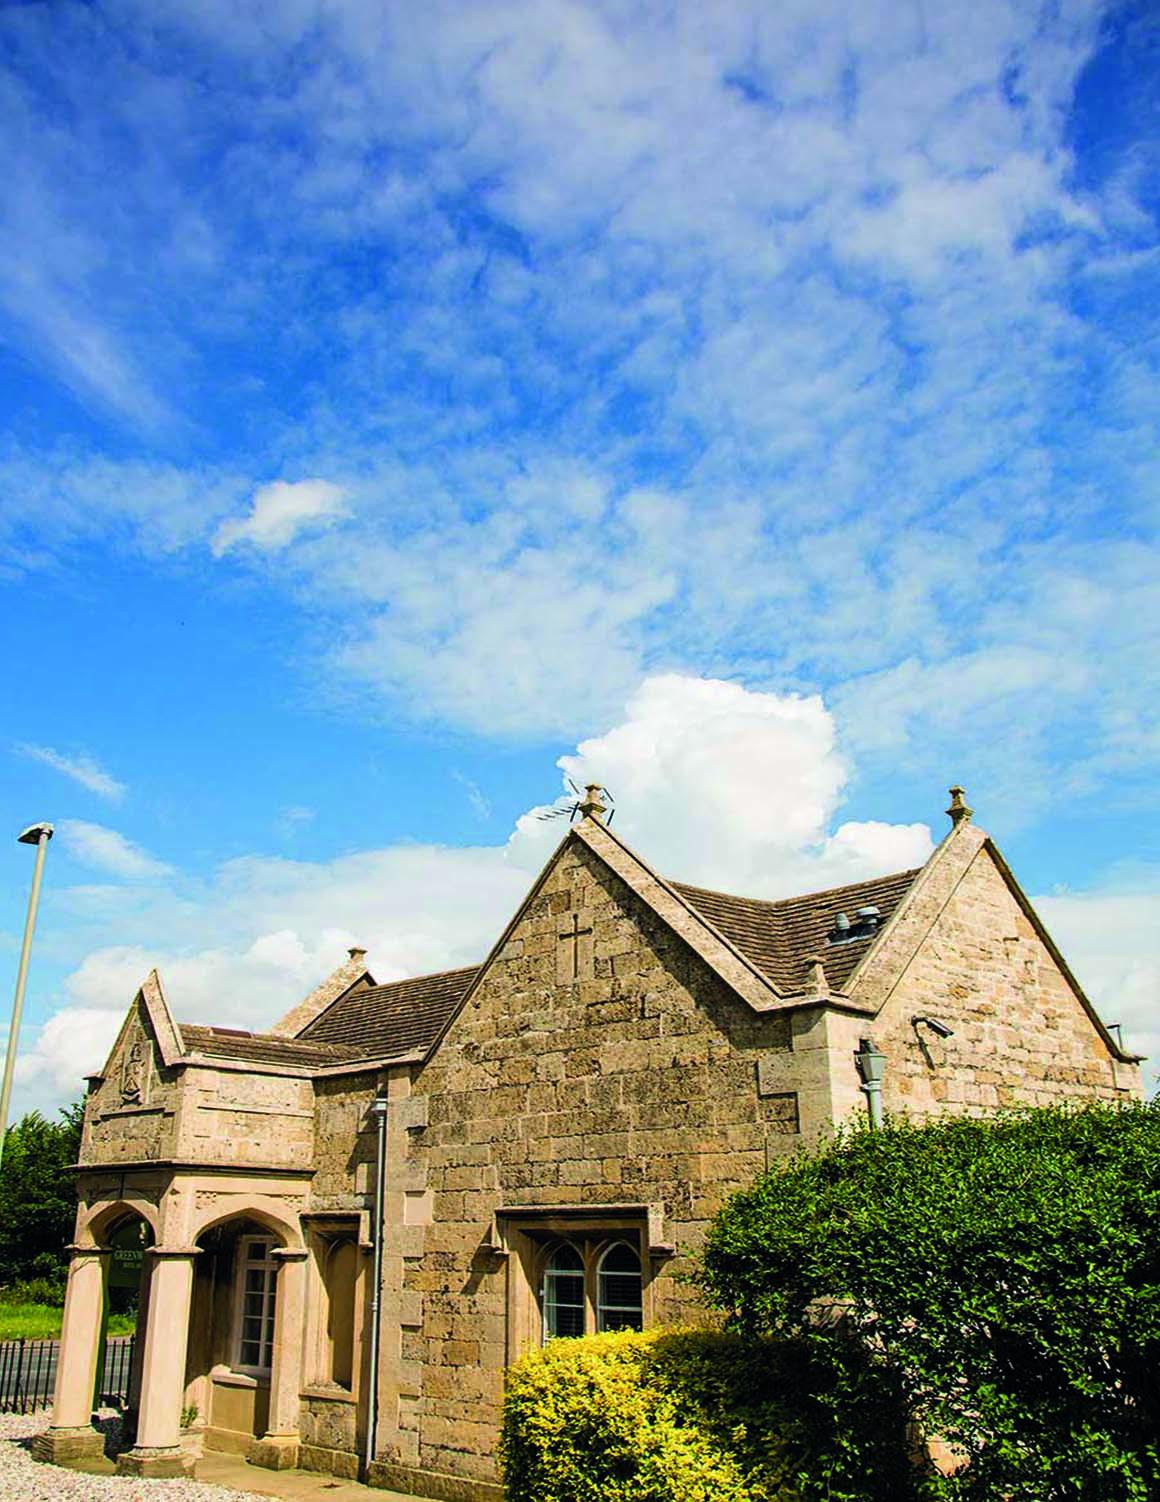 The Greenway Lodge